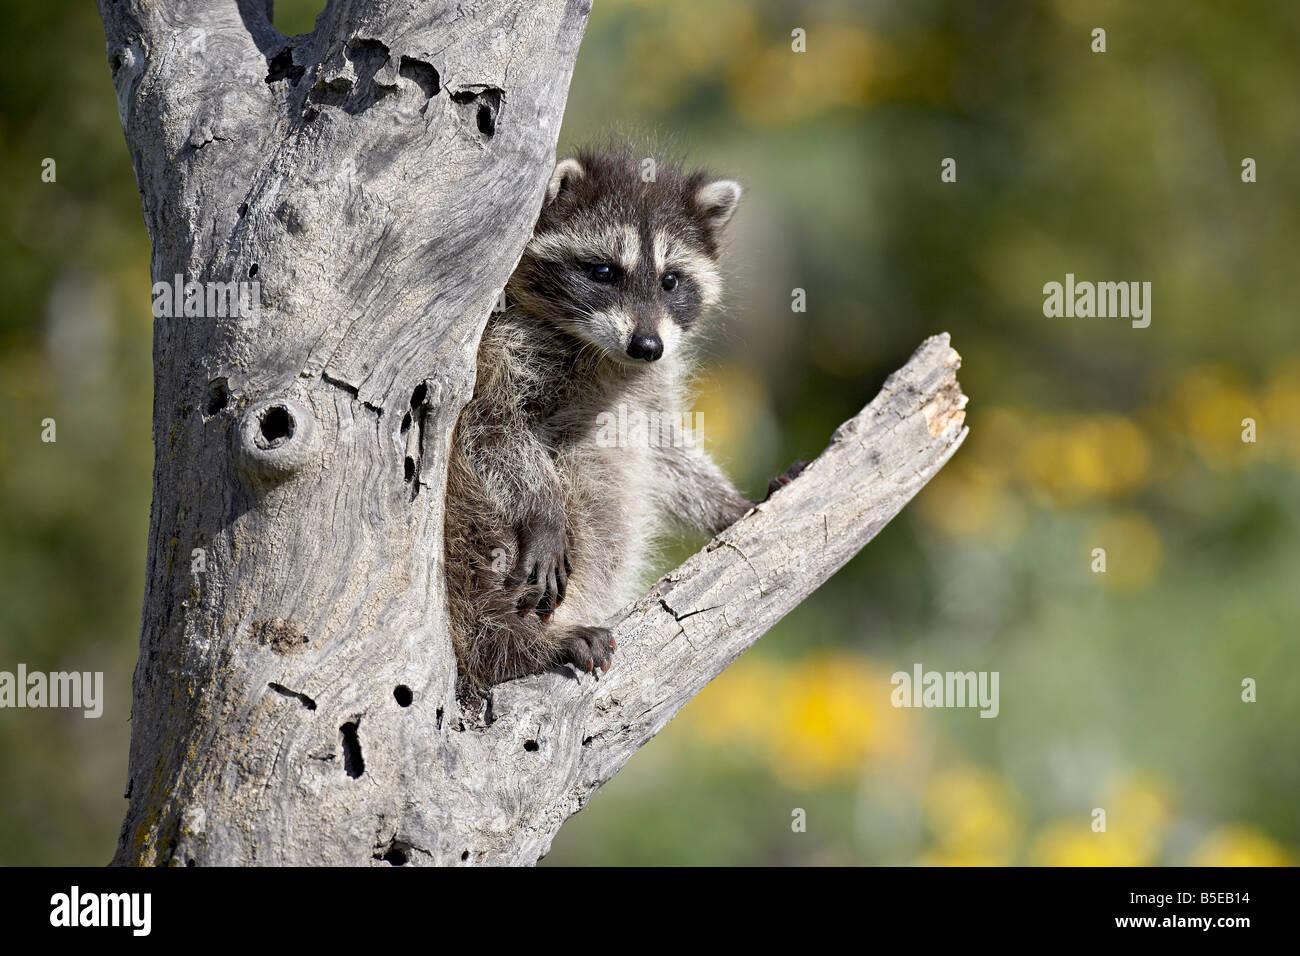 Bébé raton laveur (Procyon lotor) en captivité, les animaux du Montana, Bozeman, Montana, USA, Amérique Photo Stock